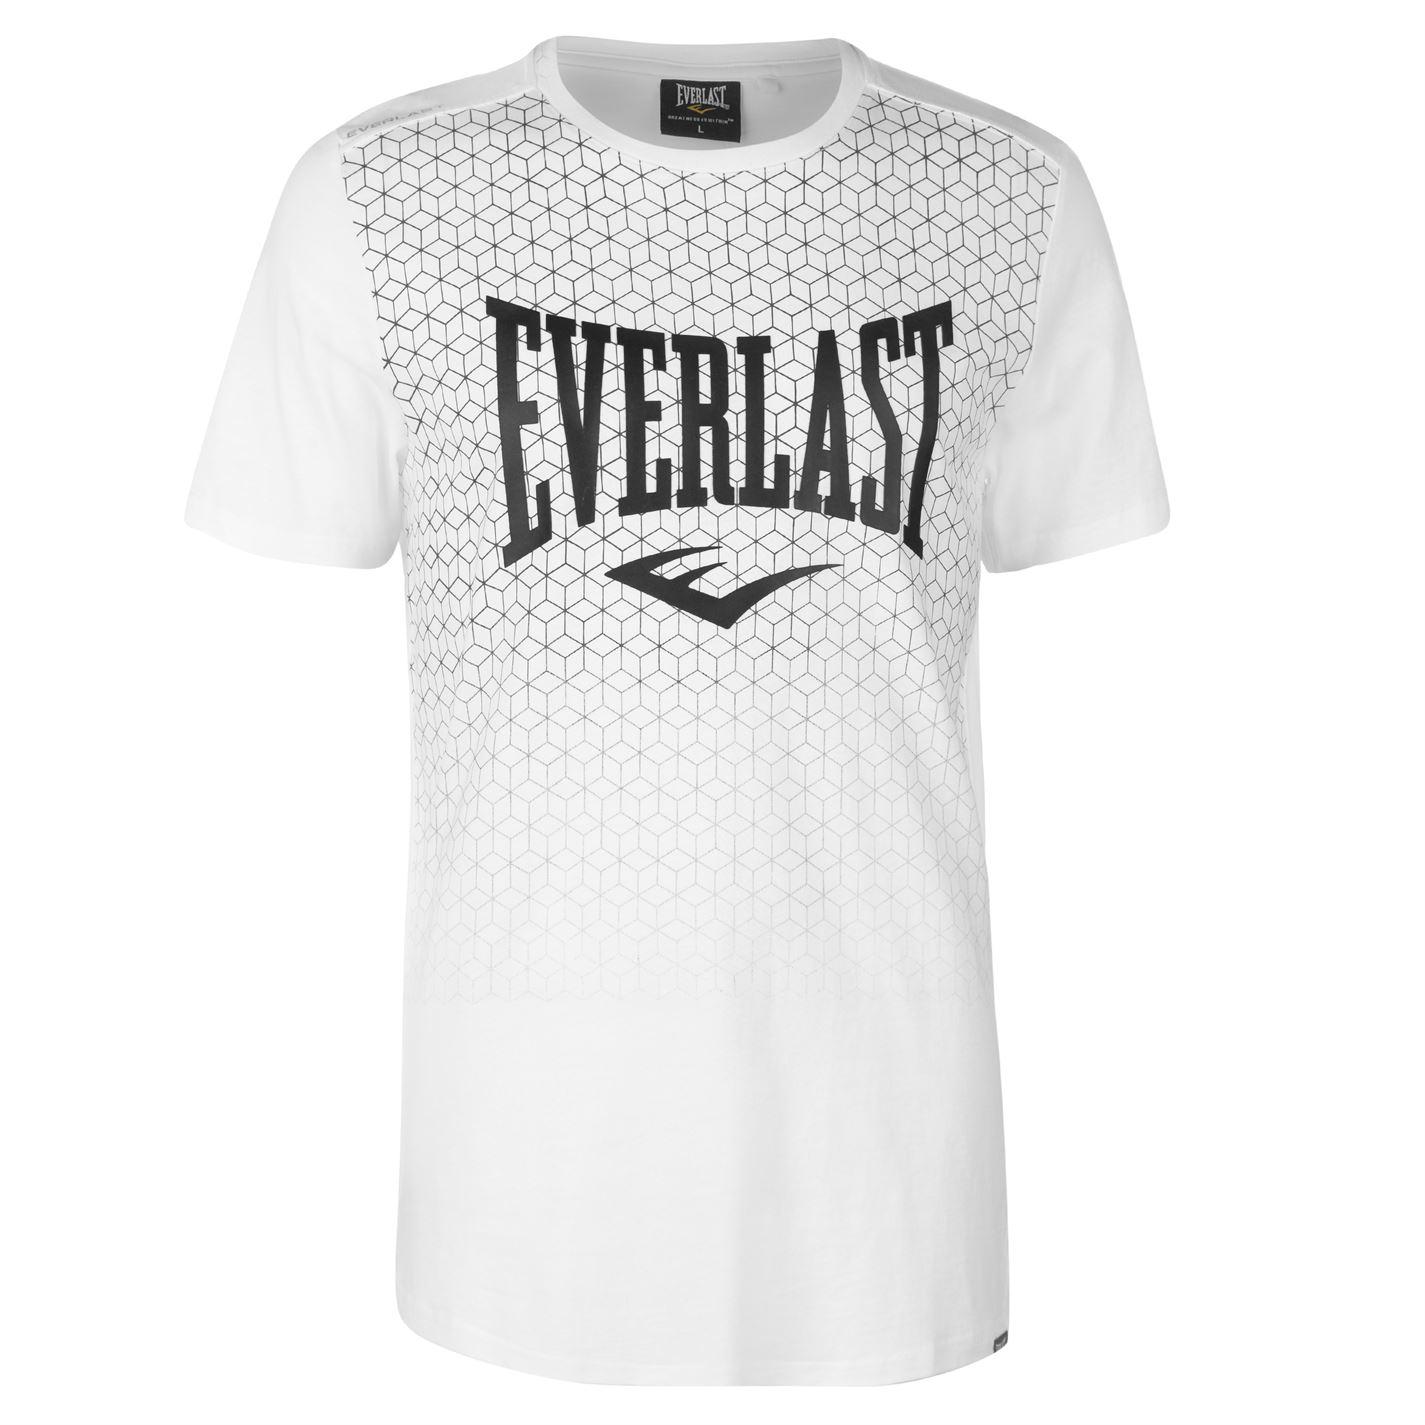 Everlast Geometric Print T Shirt Mens - Glami.hu b952f397d5